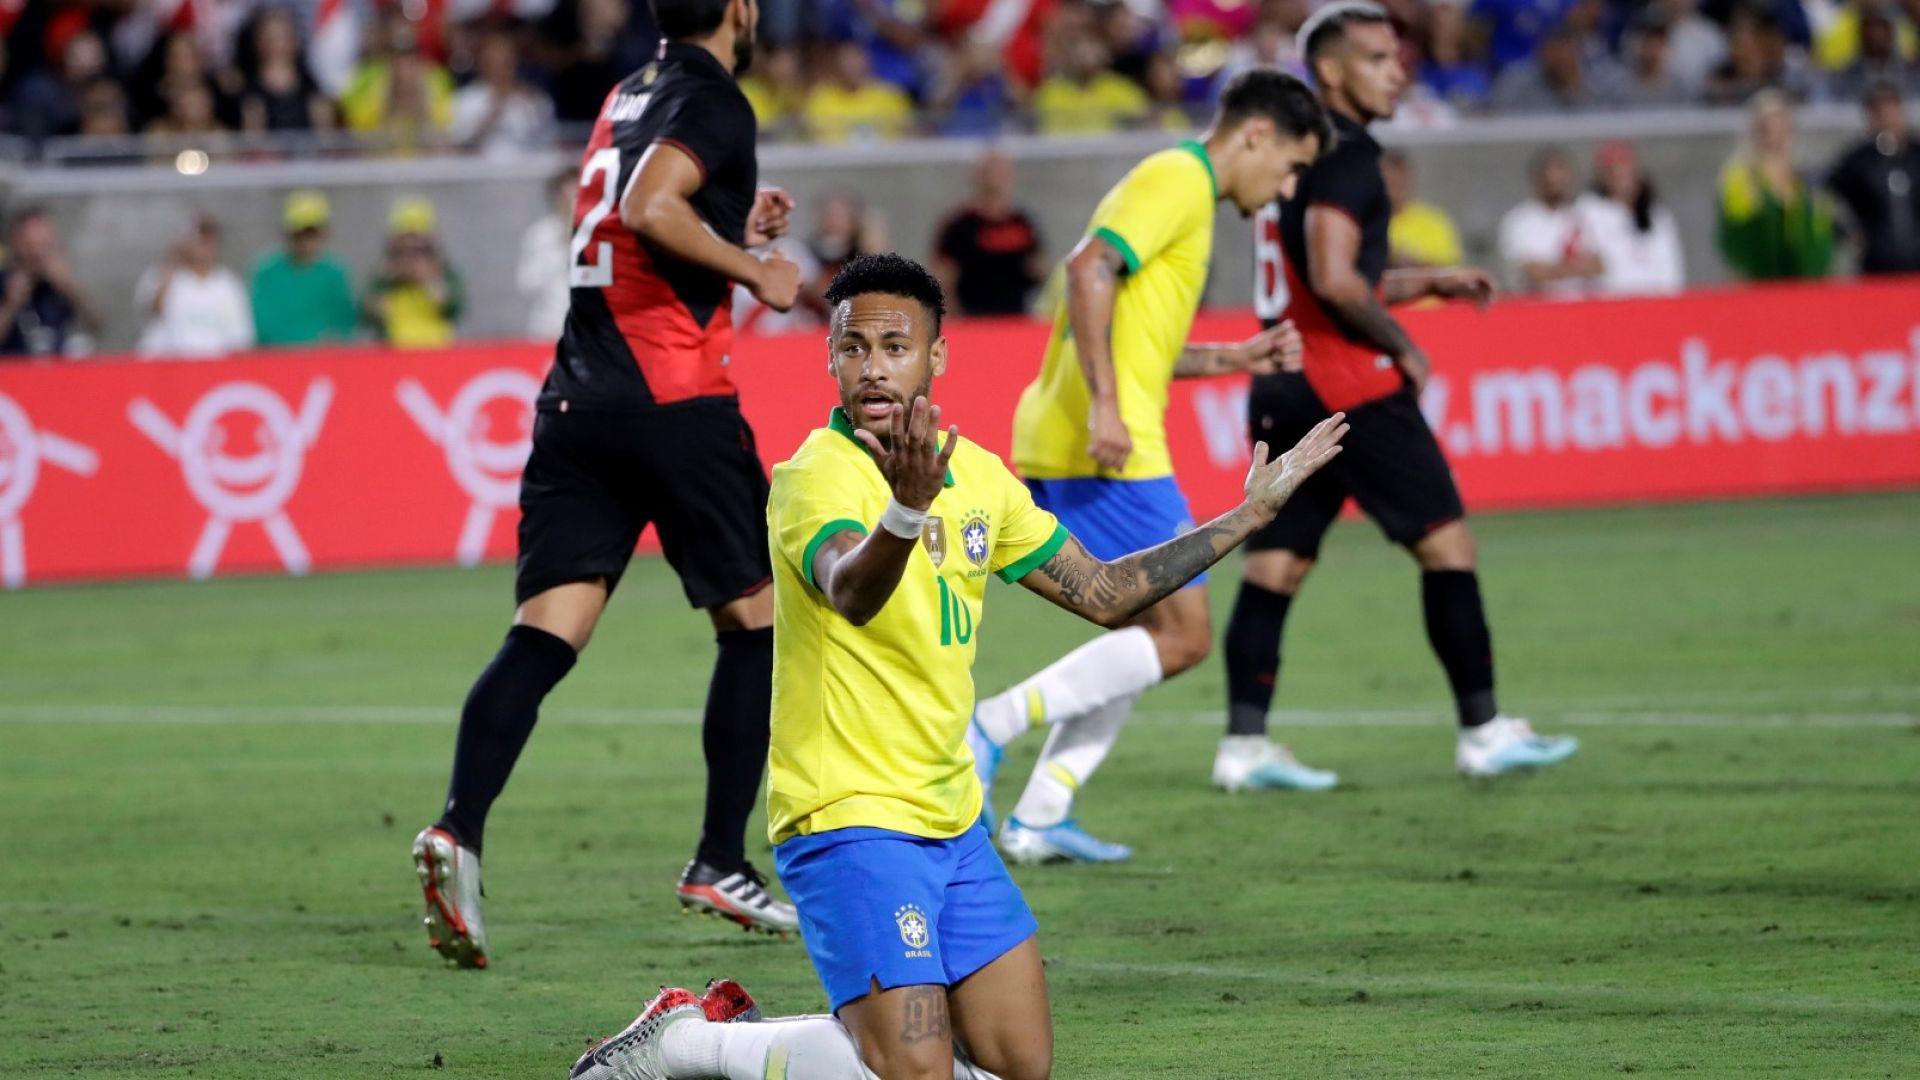 Серията без загуба на Бразилия свърши, а Аржентина си намери нов герой